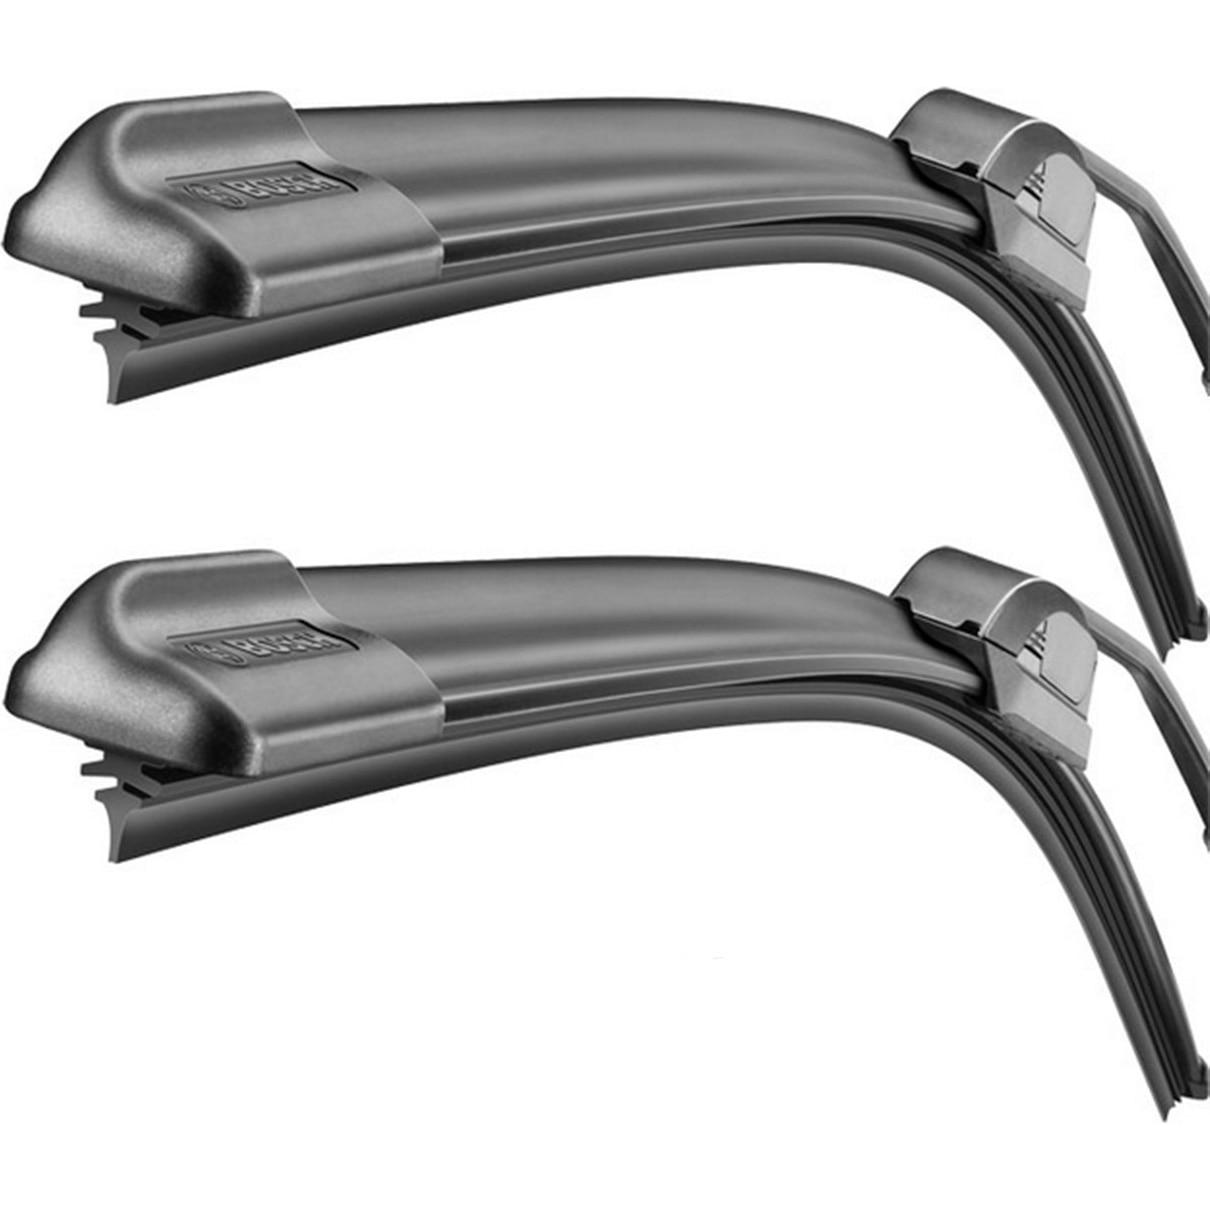 Fotografie Set stergatoare Bosch AeroTwin Retrofit, pentru parbriz 55 cm si 53 cm, pentru prindere clasica (carlig)